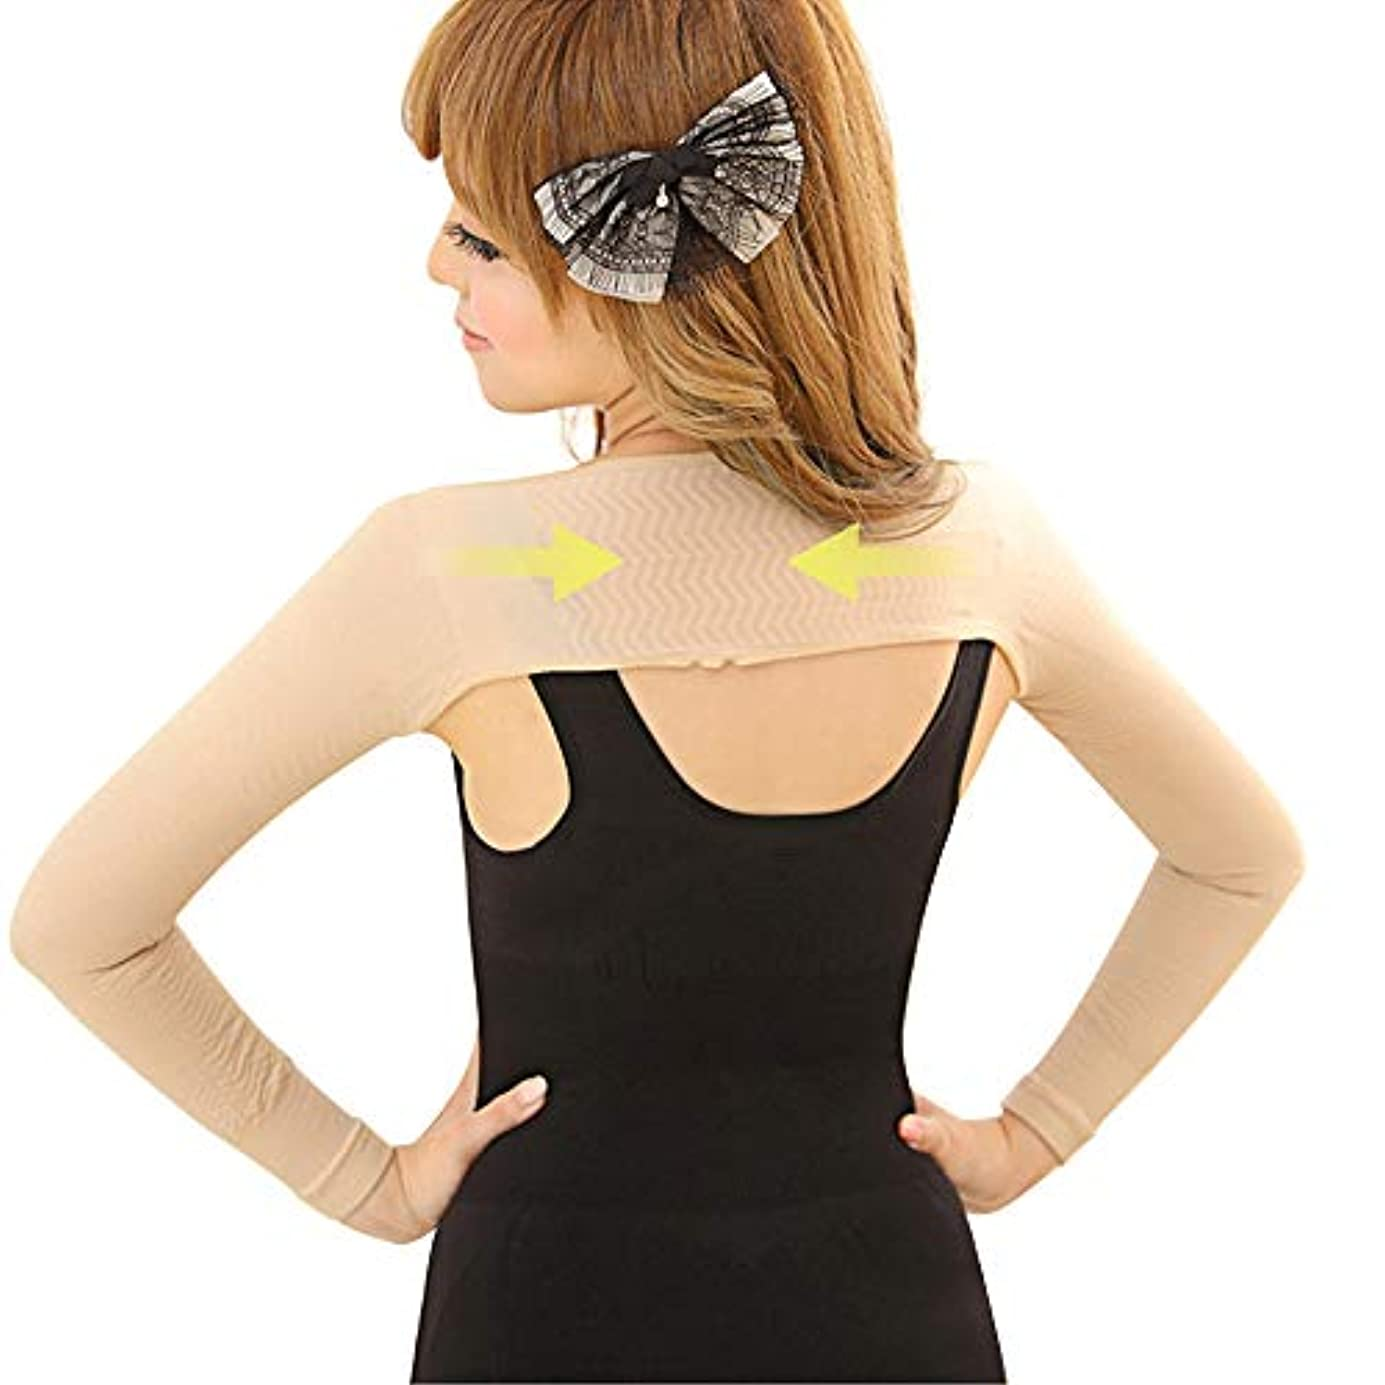 重くするペルー触手実用服飾専門店 送料無料 姿勢矯正 二の腕シェイプケア 背筋矯正 肩サポーター 補正下着 二の腕痩せシェイパー姿勢 インナー 女性 (ベージュ)